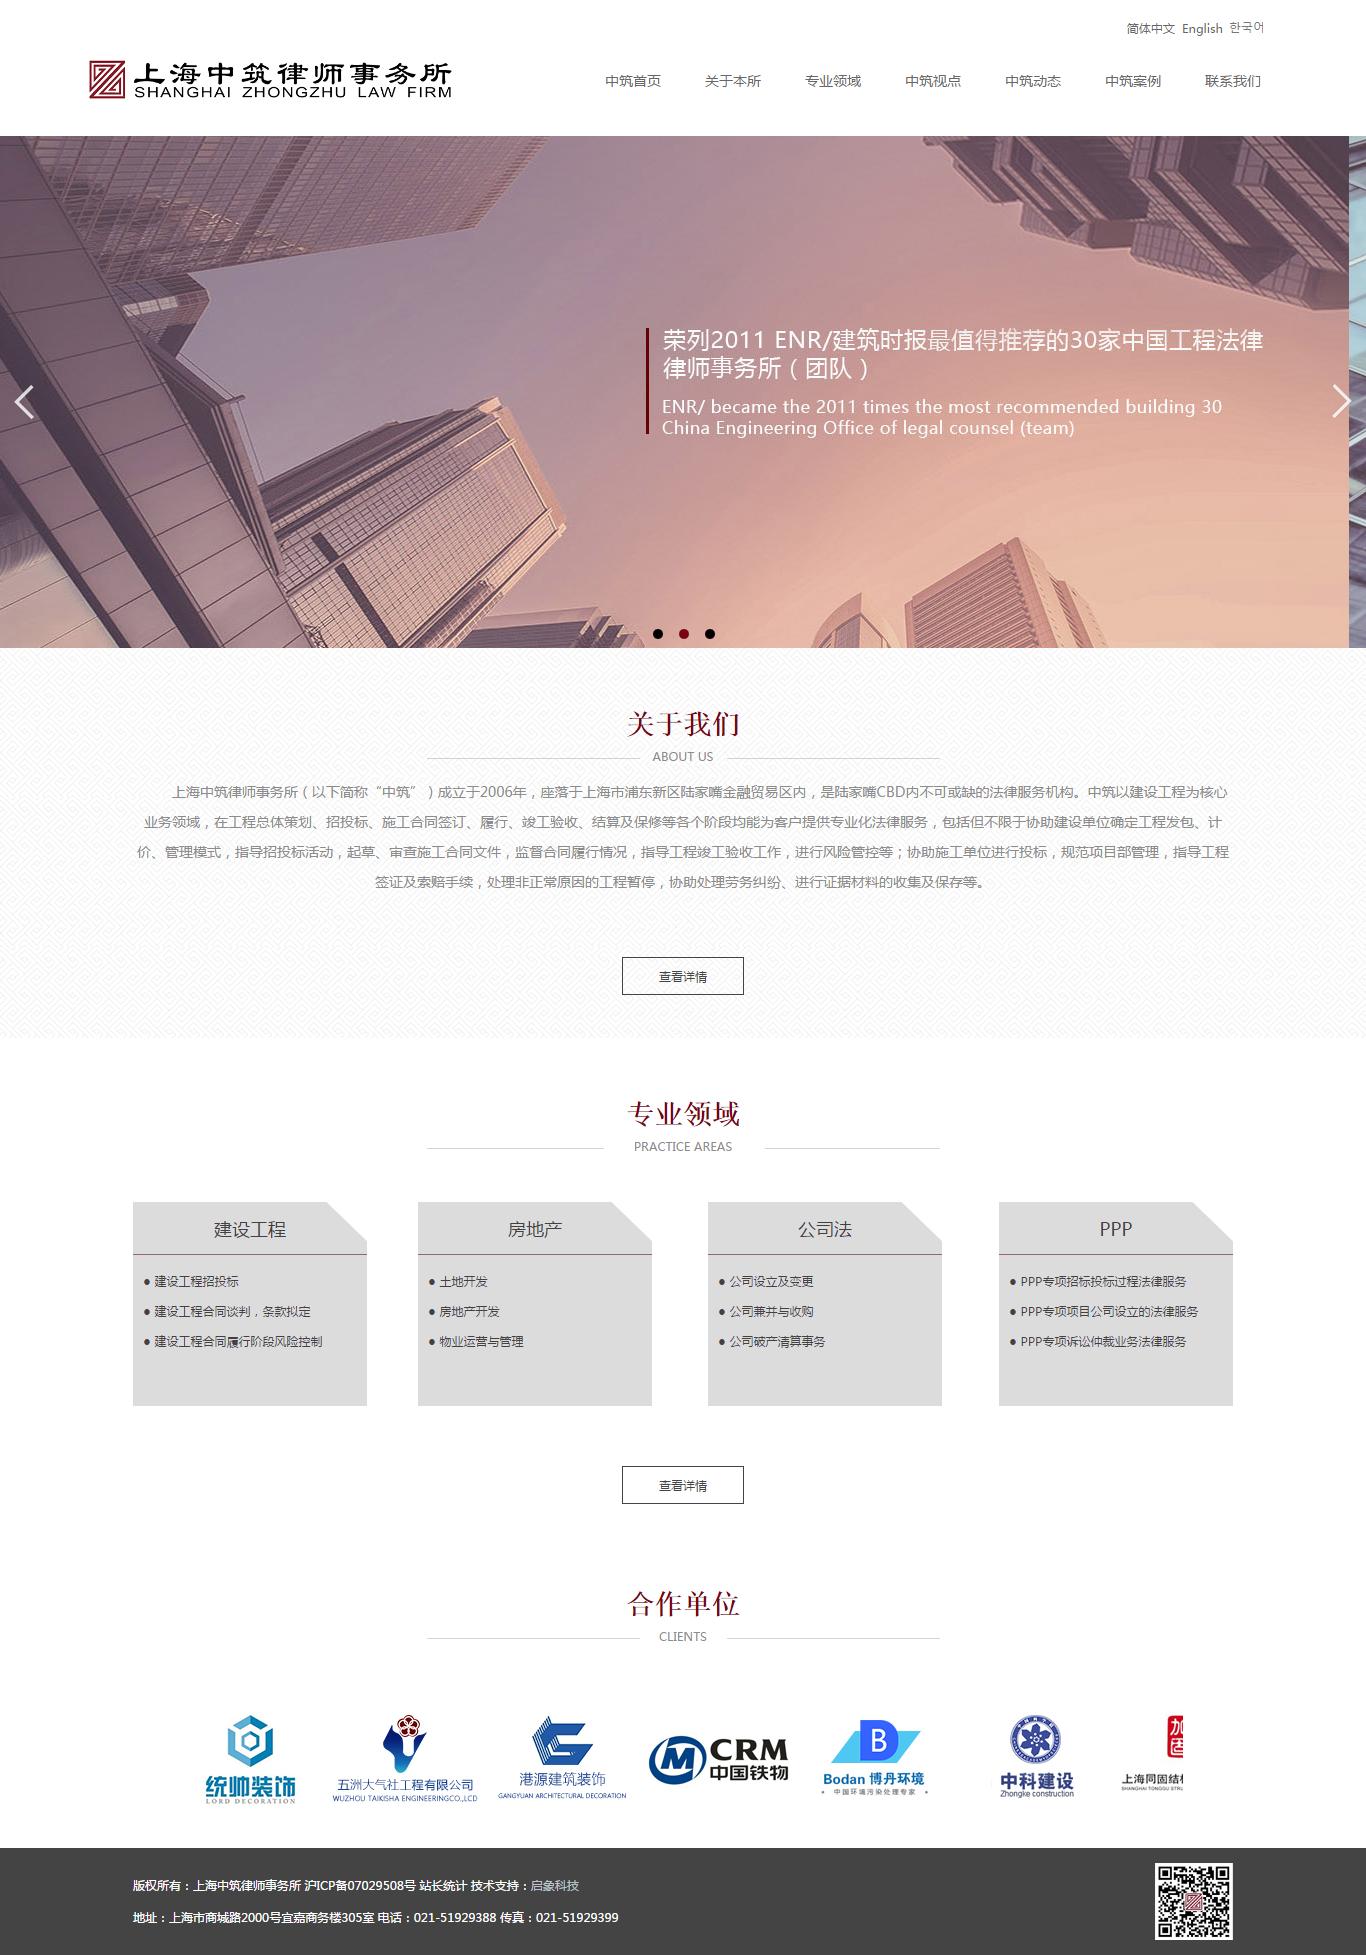 上海中筑律师事务所建筑律师建筑律师事务所建设工程律师律师事务所专业律师事务所